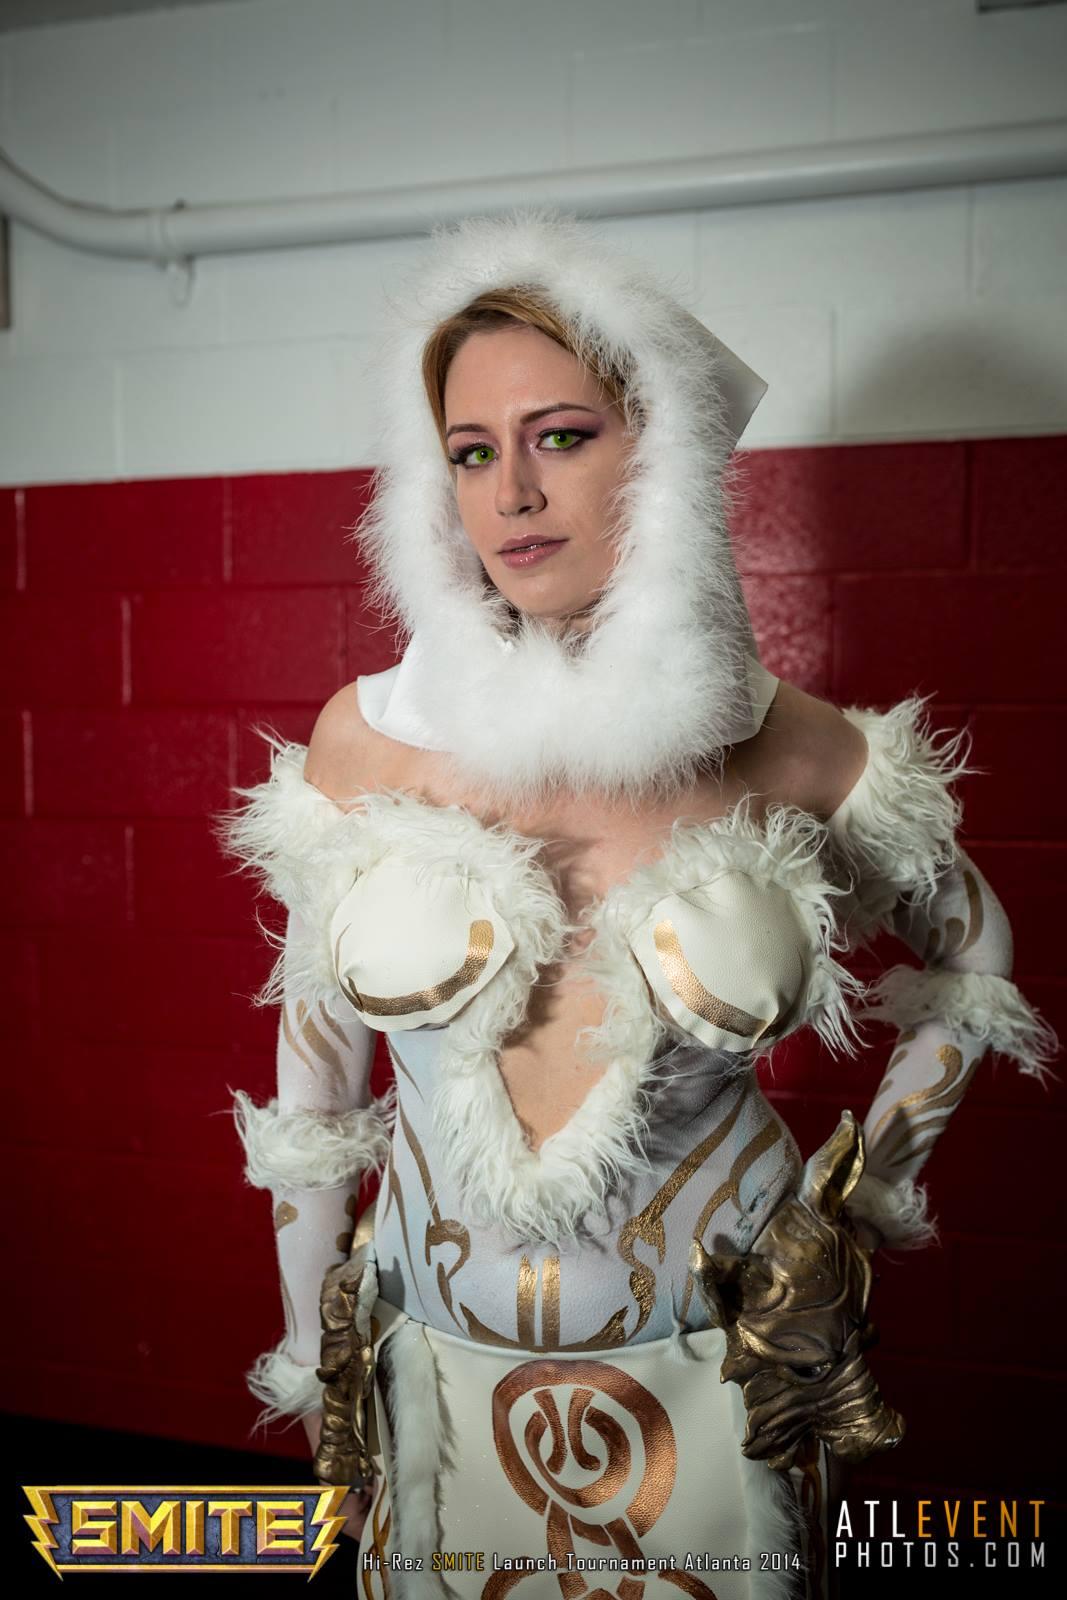 Ngắm cosplay tại SMITE Launch Tournament - Ảnh 109